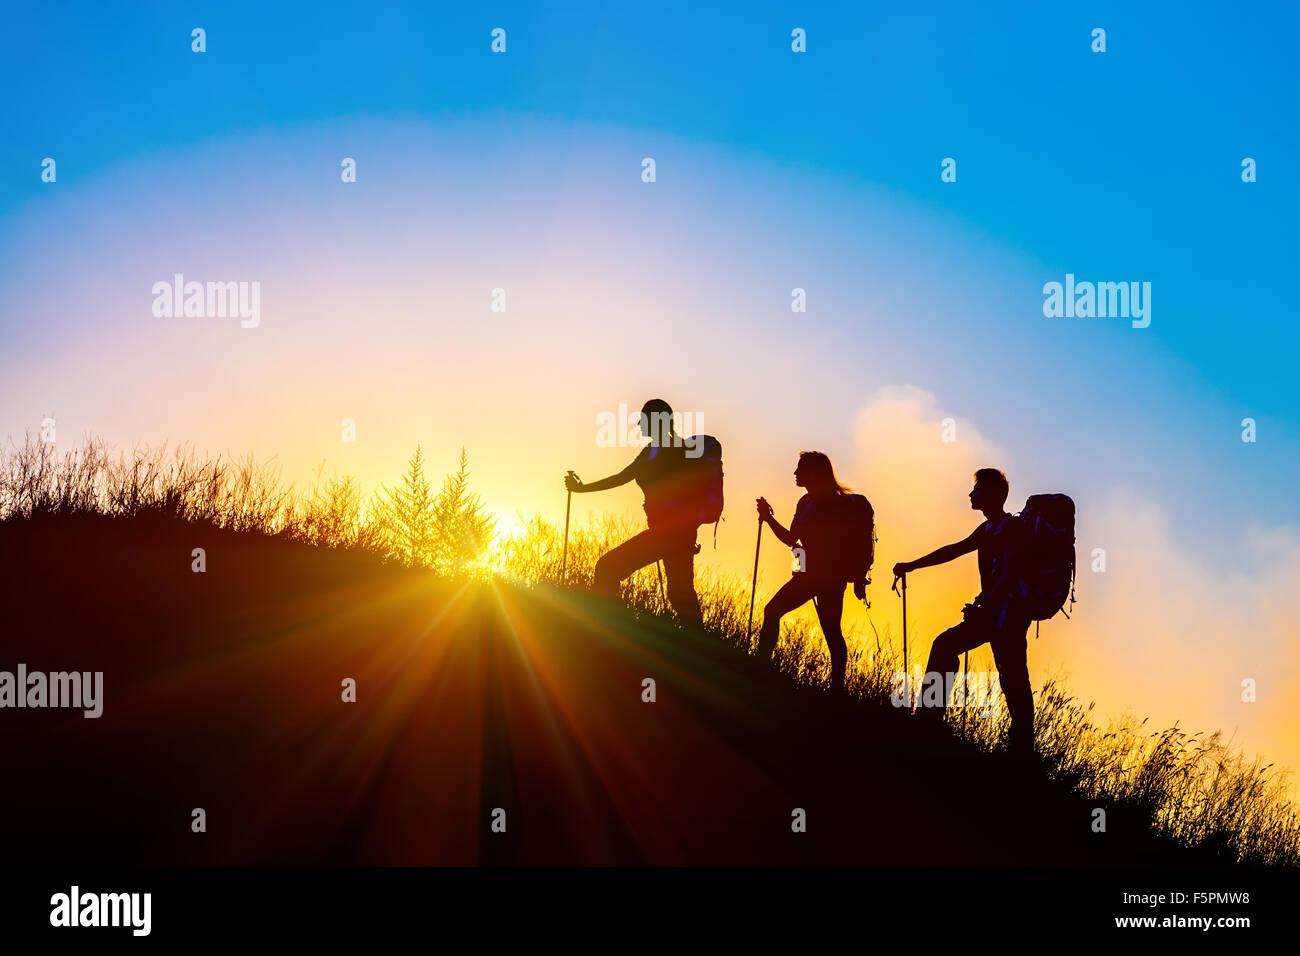 Persone incontro sunrise team building sessione Immagini Stock